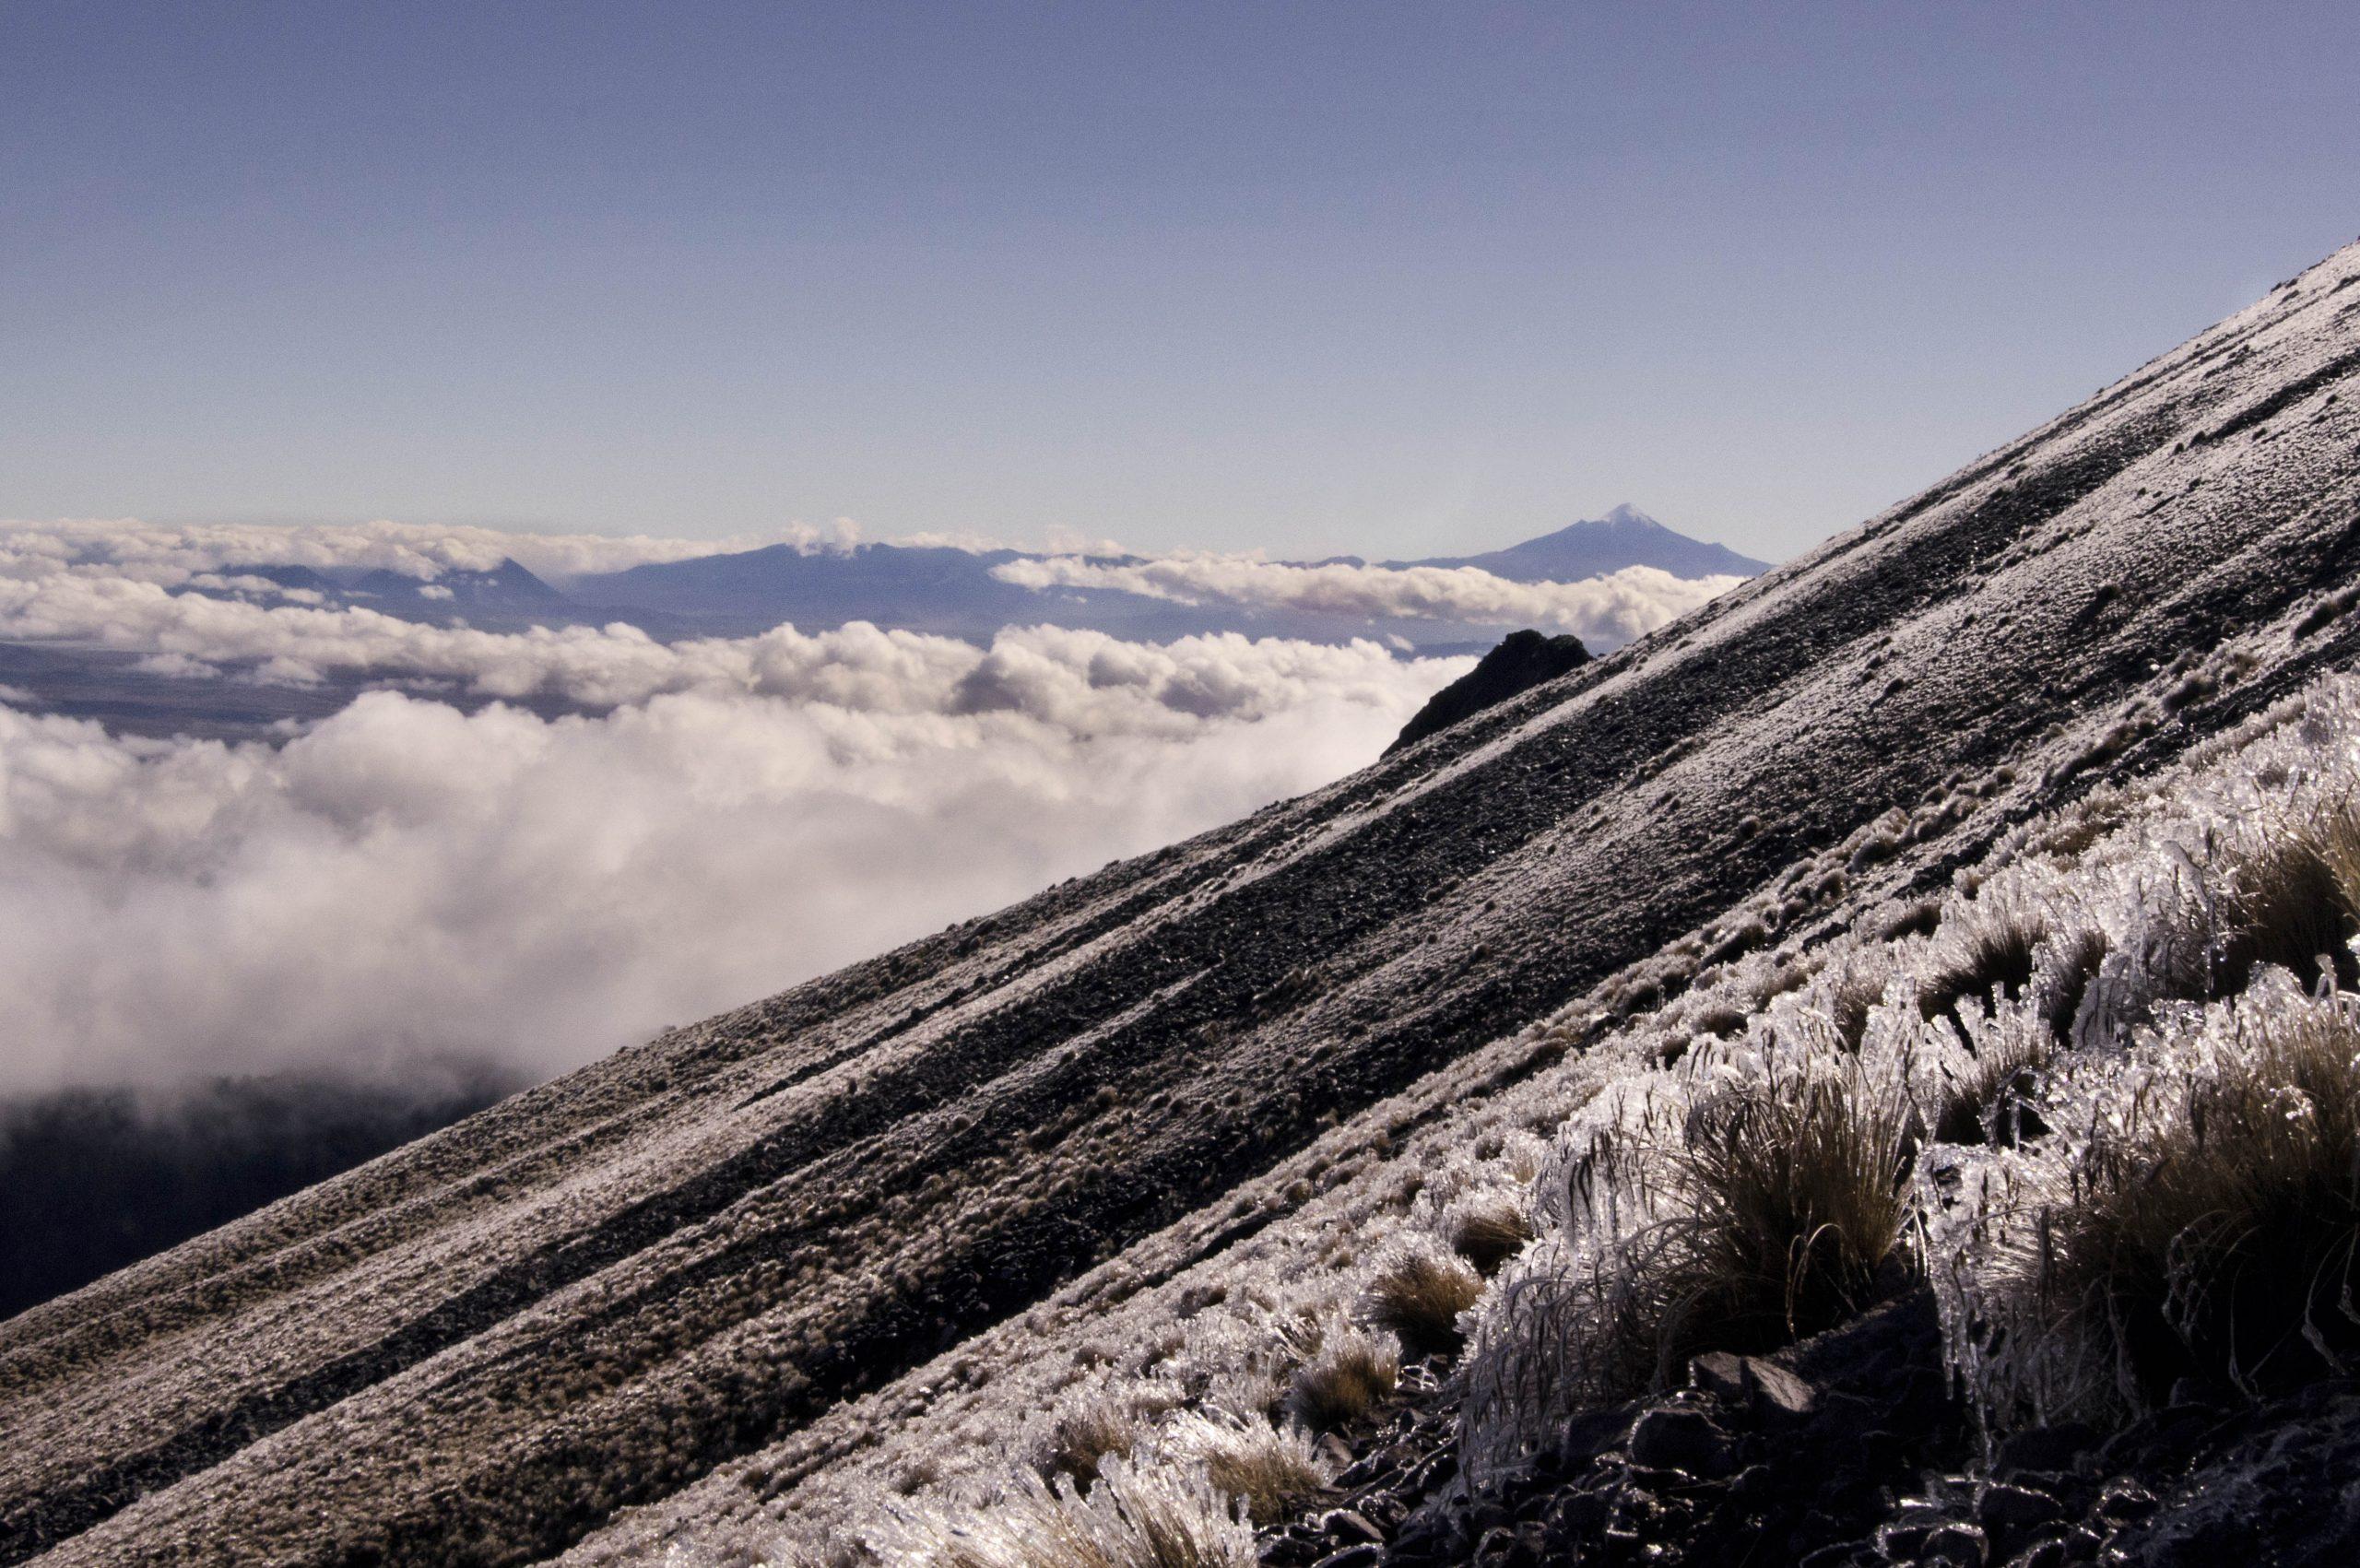 Valle de Tlaxcala desde el volcán Matlalcueye